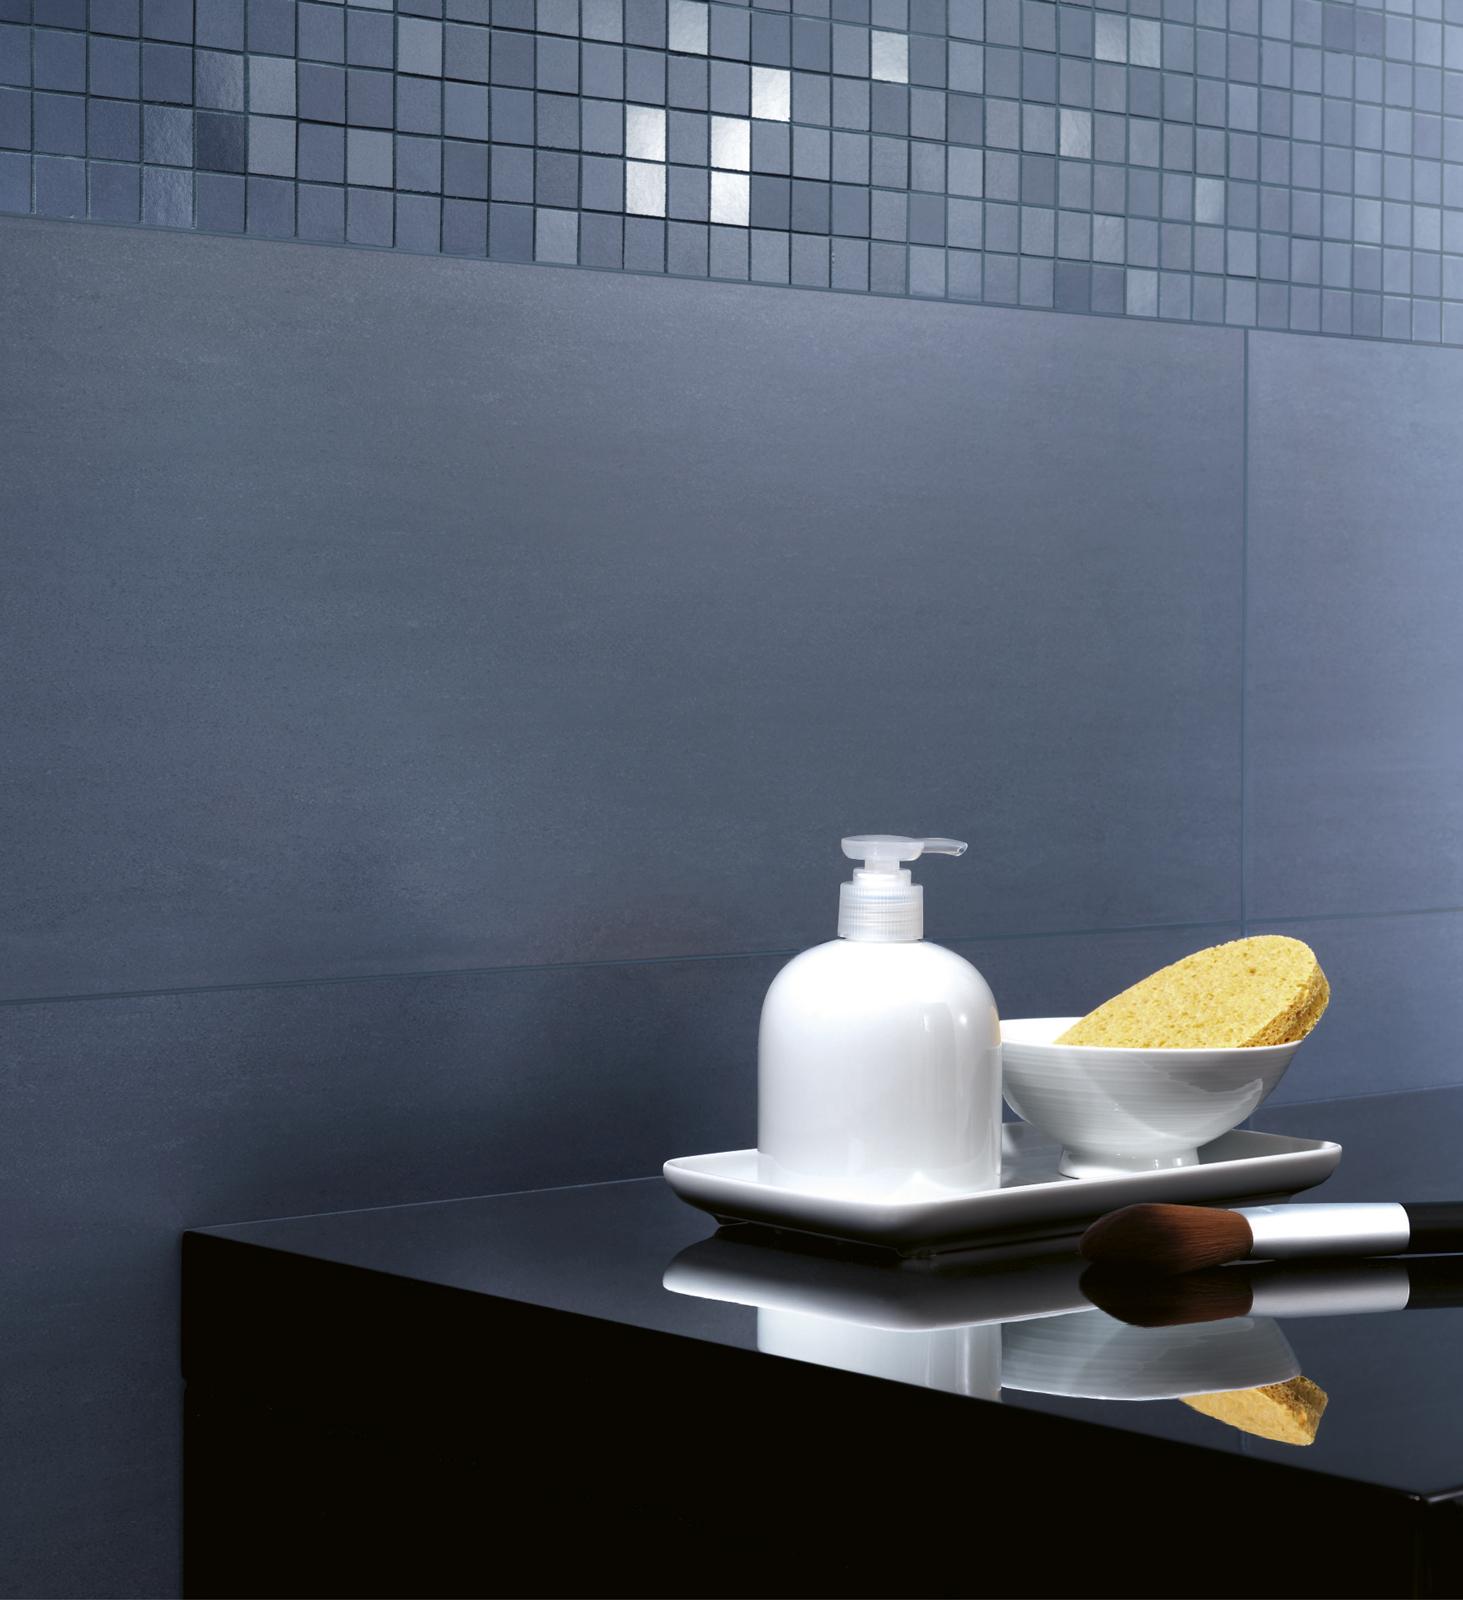 Trend azulejos de cer mica para revestimiento ragno - Azulejos de ceramica ...